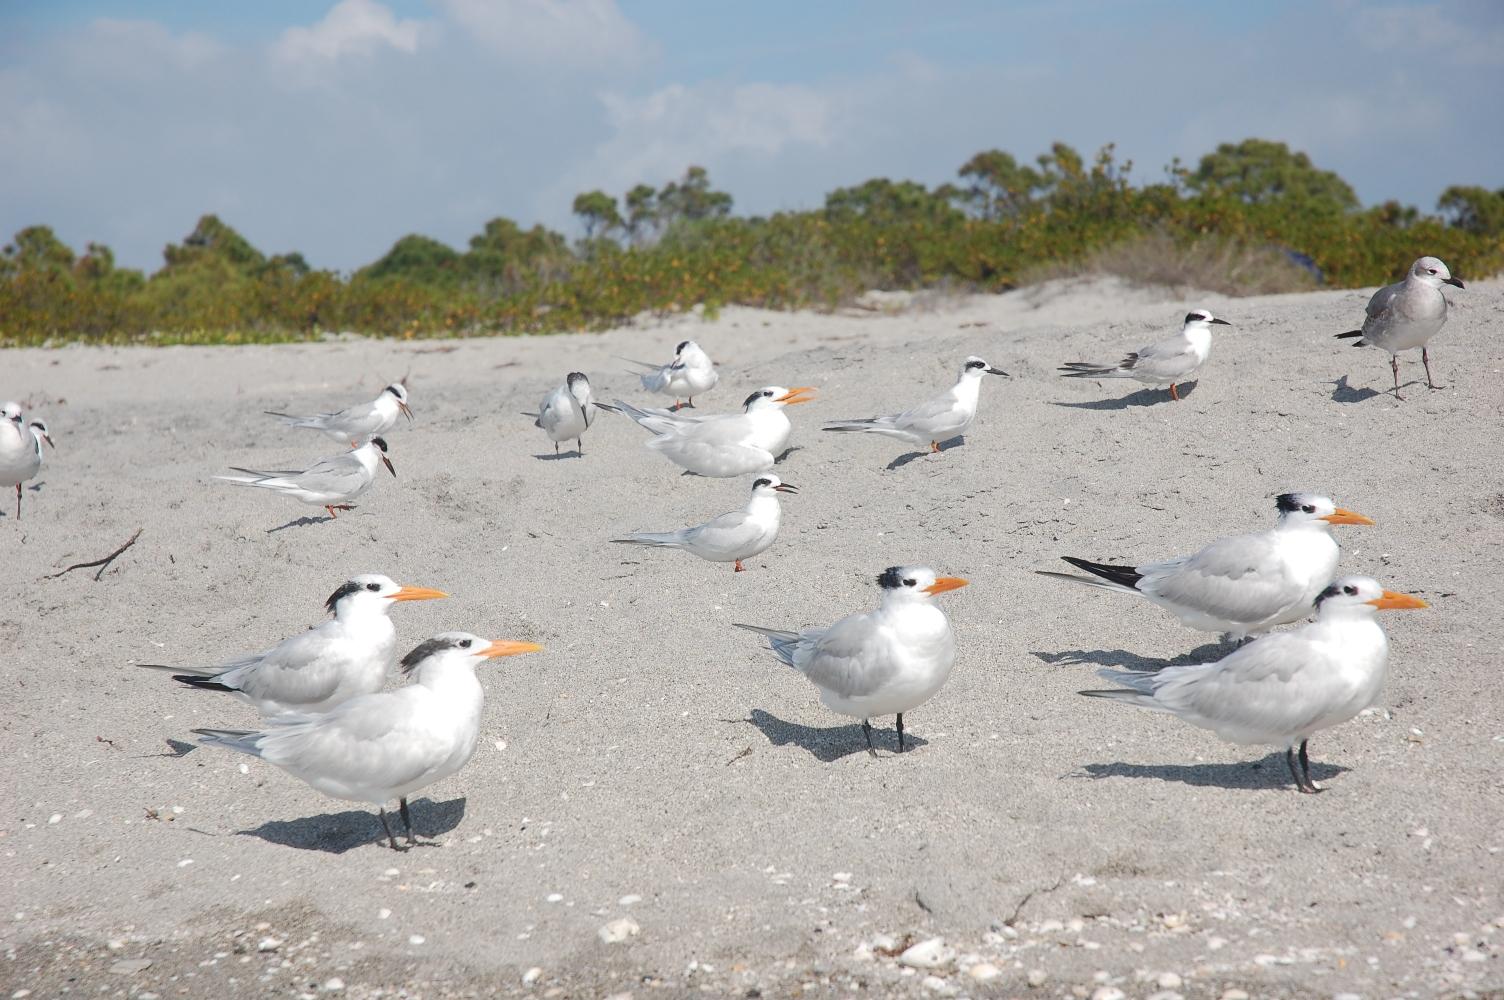 Snow birds on the beach